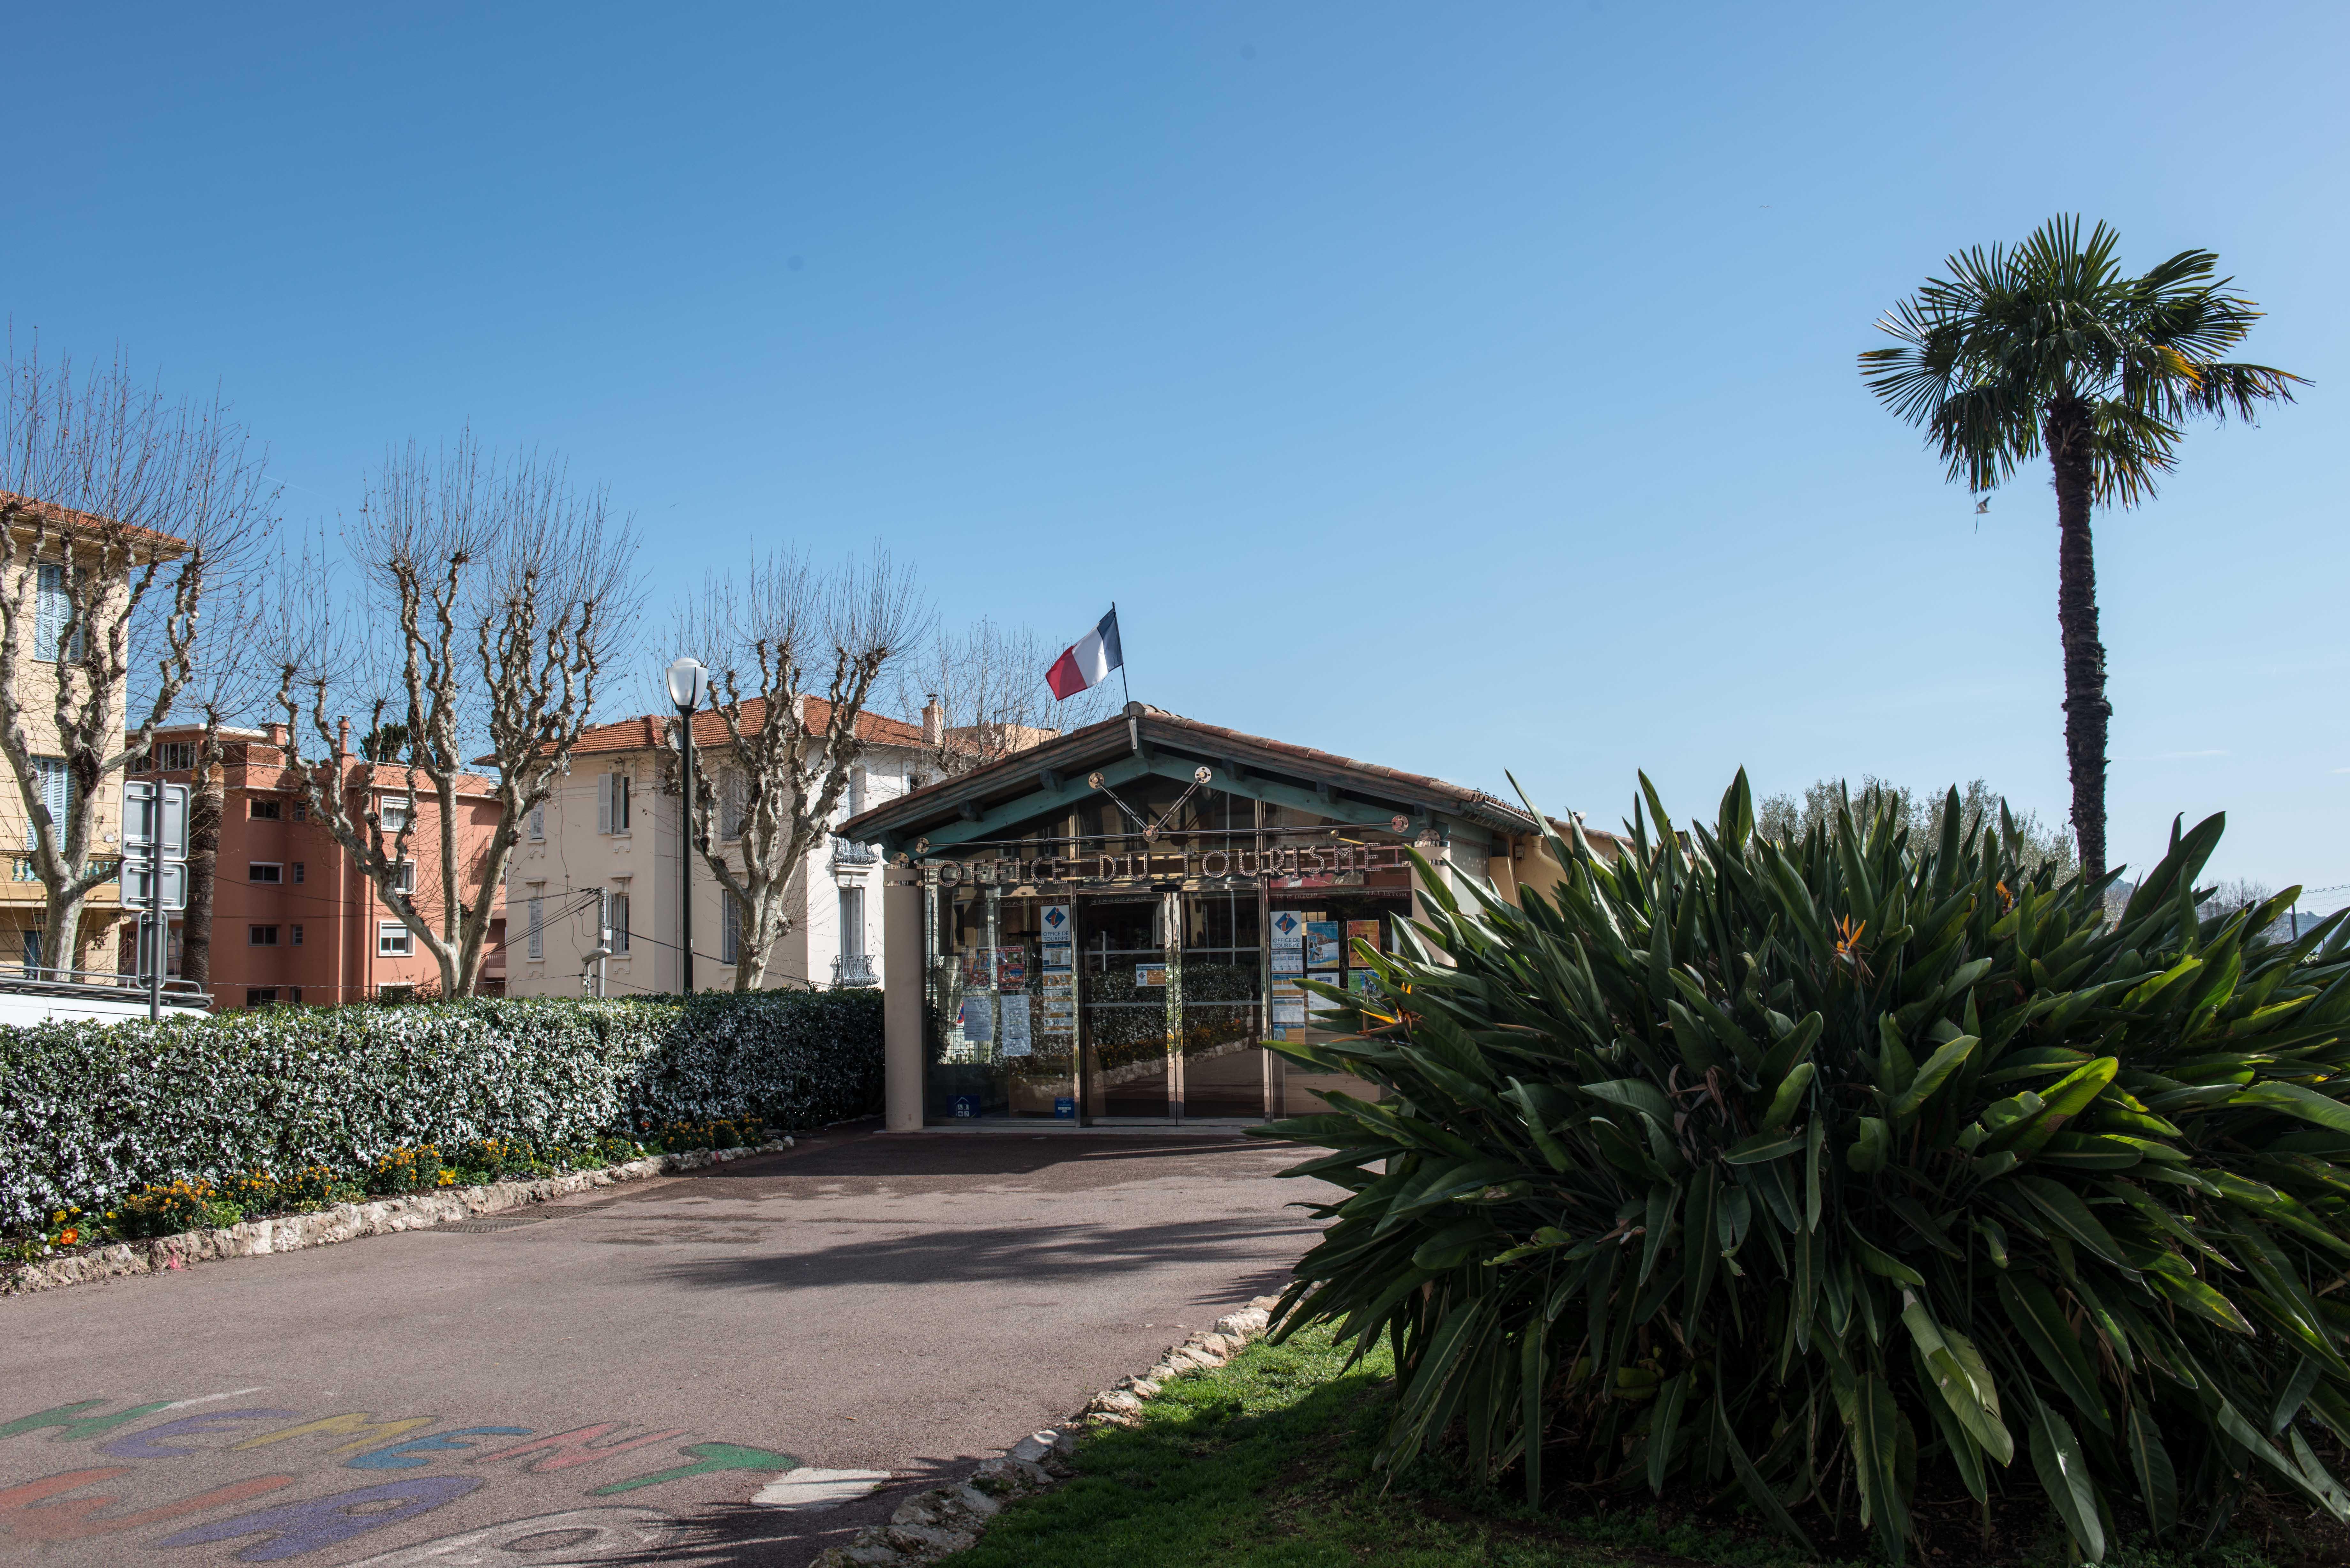 Nos offices de tourisme office de tourisme de villefranche sur mer - Office de tourisme propriano ...